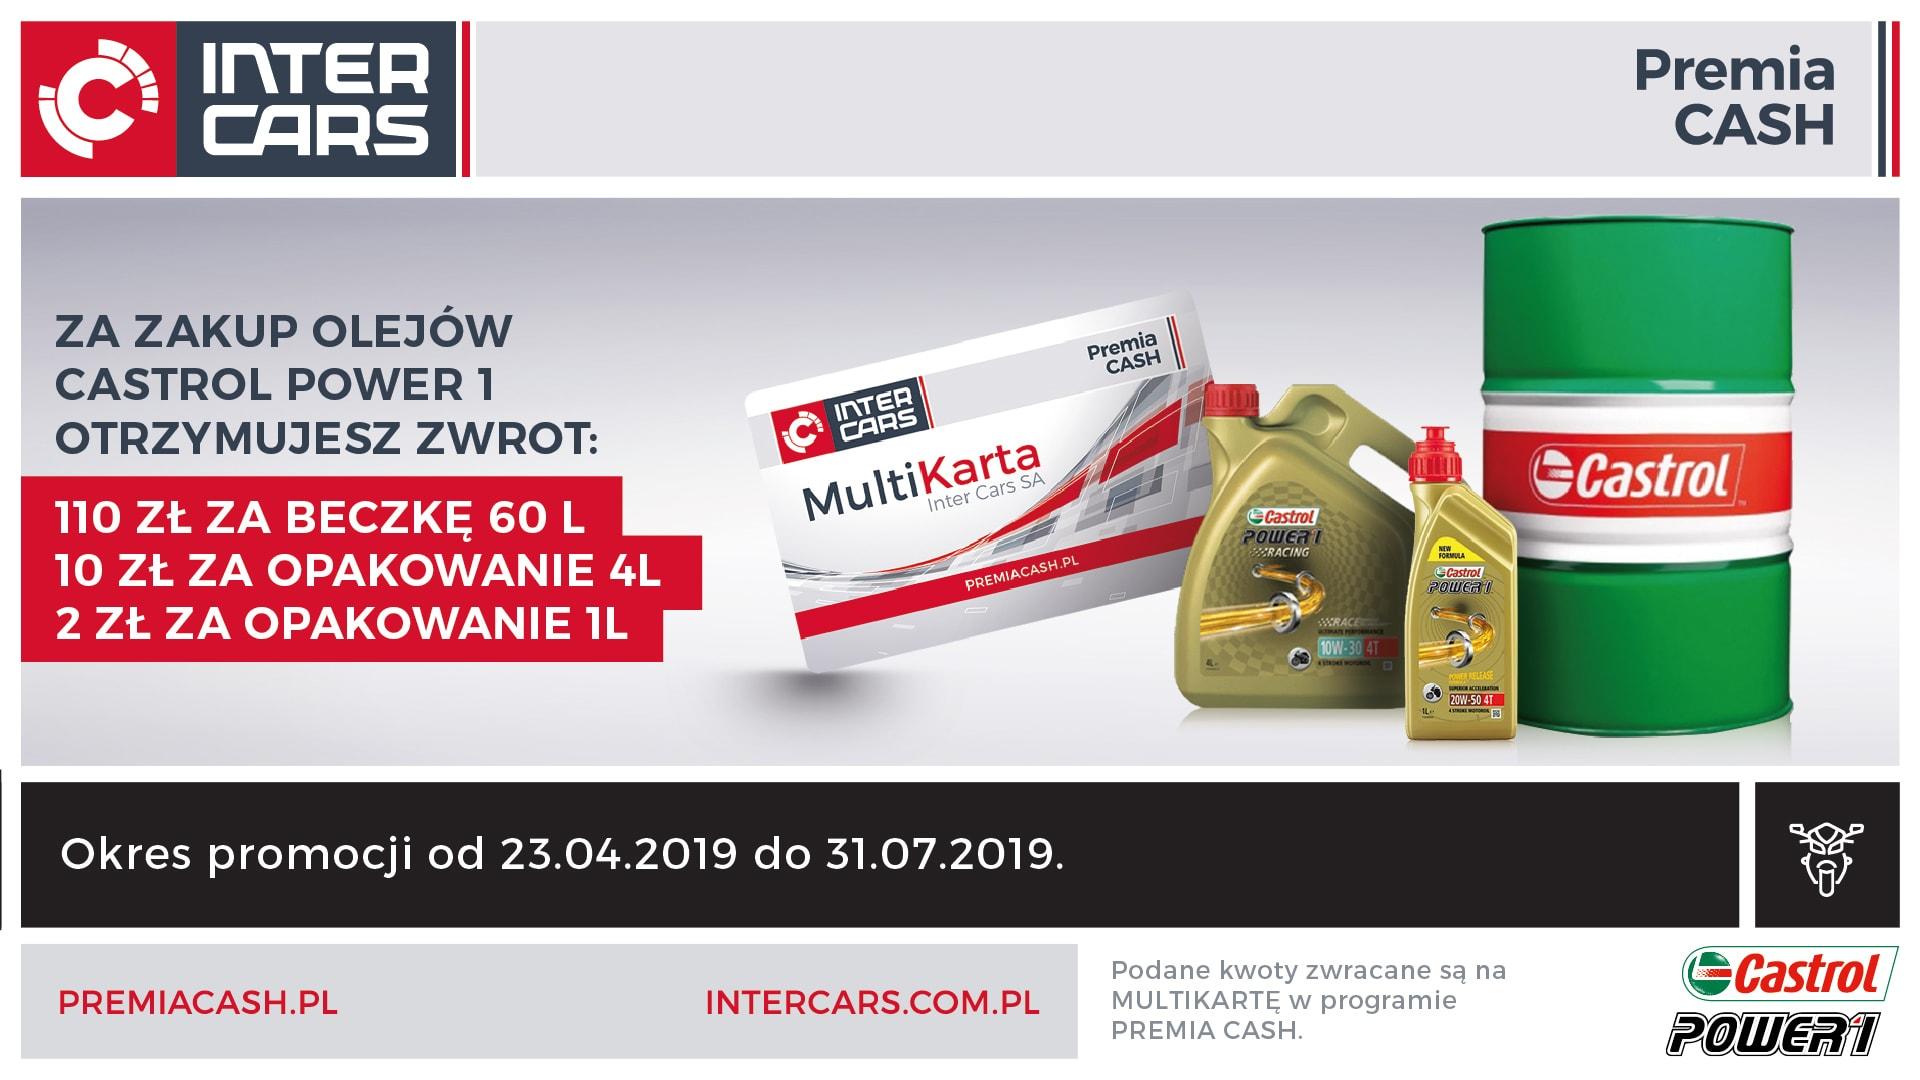 promocja_premia_cash_oleje_castrol2_1920x1080-min(1).jpg